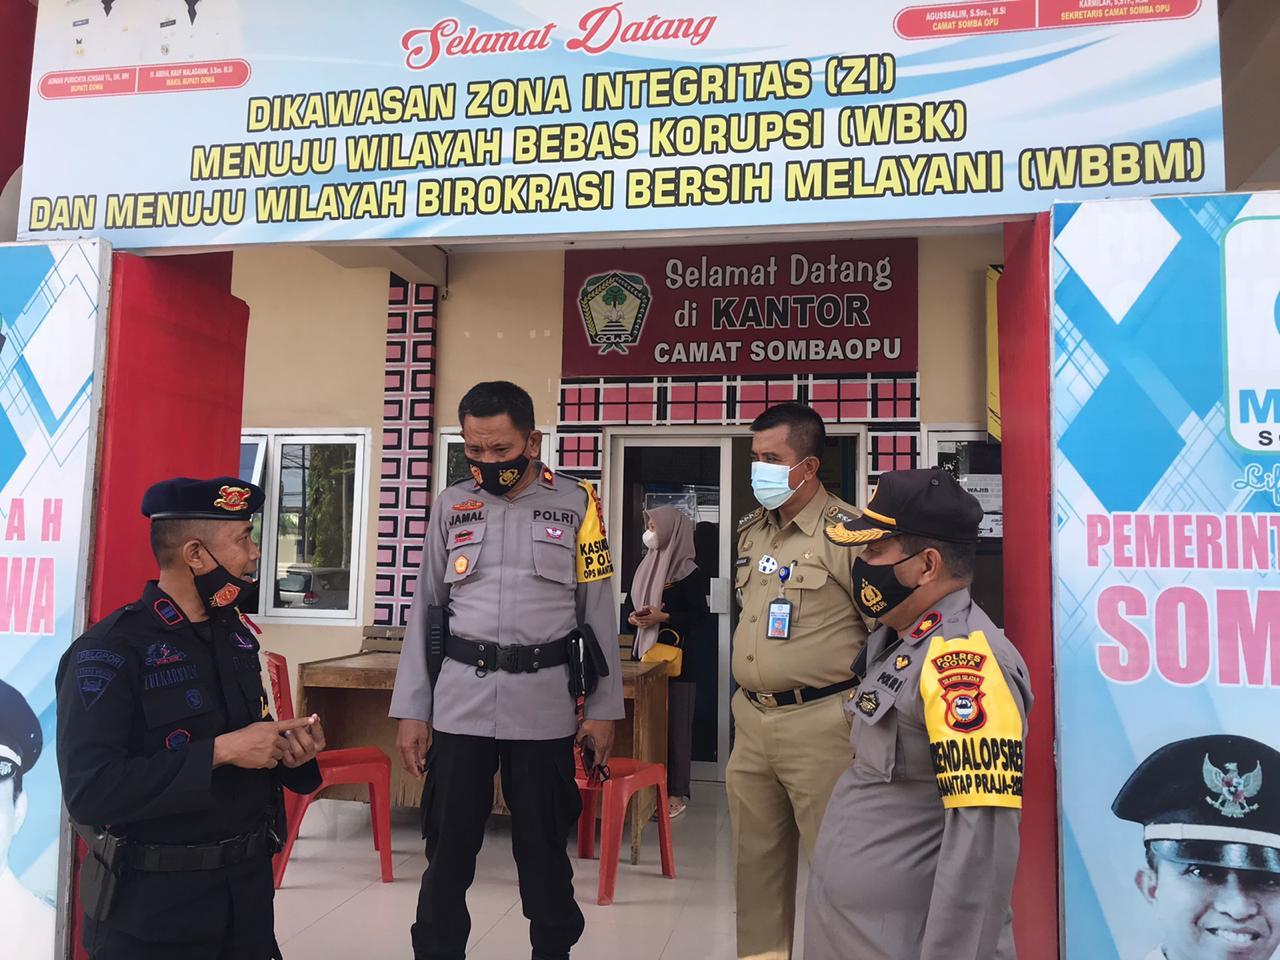 Backup Pengamanan Pilkada Di Gowa Satu Regu Pasukan Brimob Polda Sulsel Diturunkan Ke Tps Wilayah Polsek Somba Opu Berita Kota Online